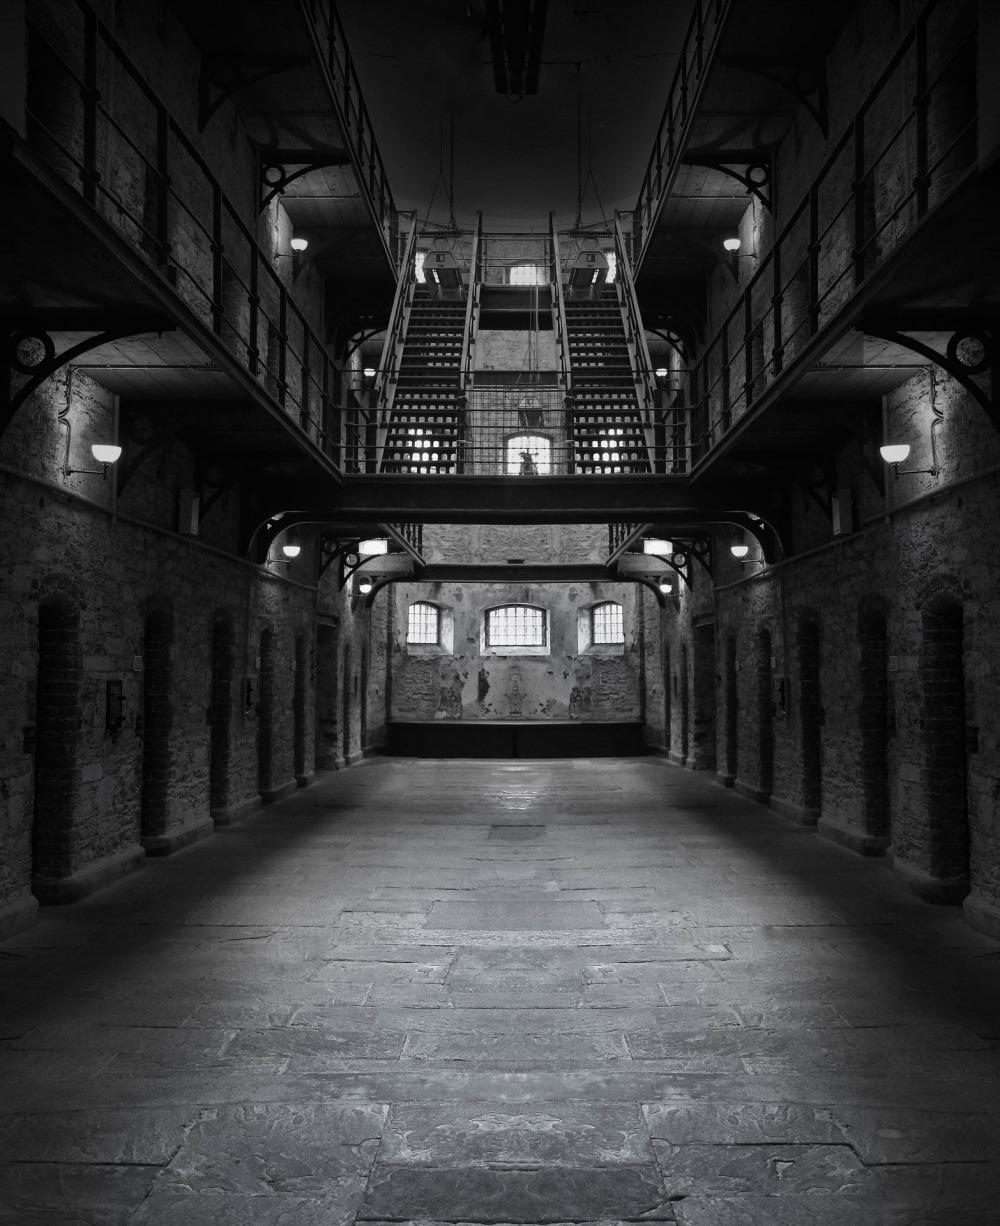 prison-1331203_1920